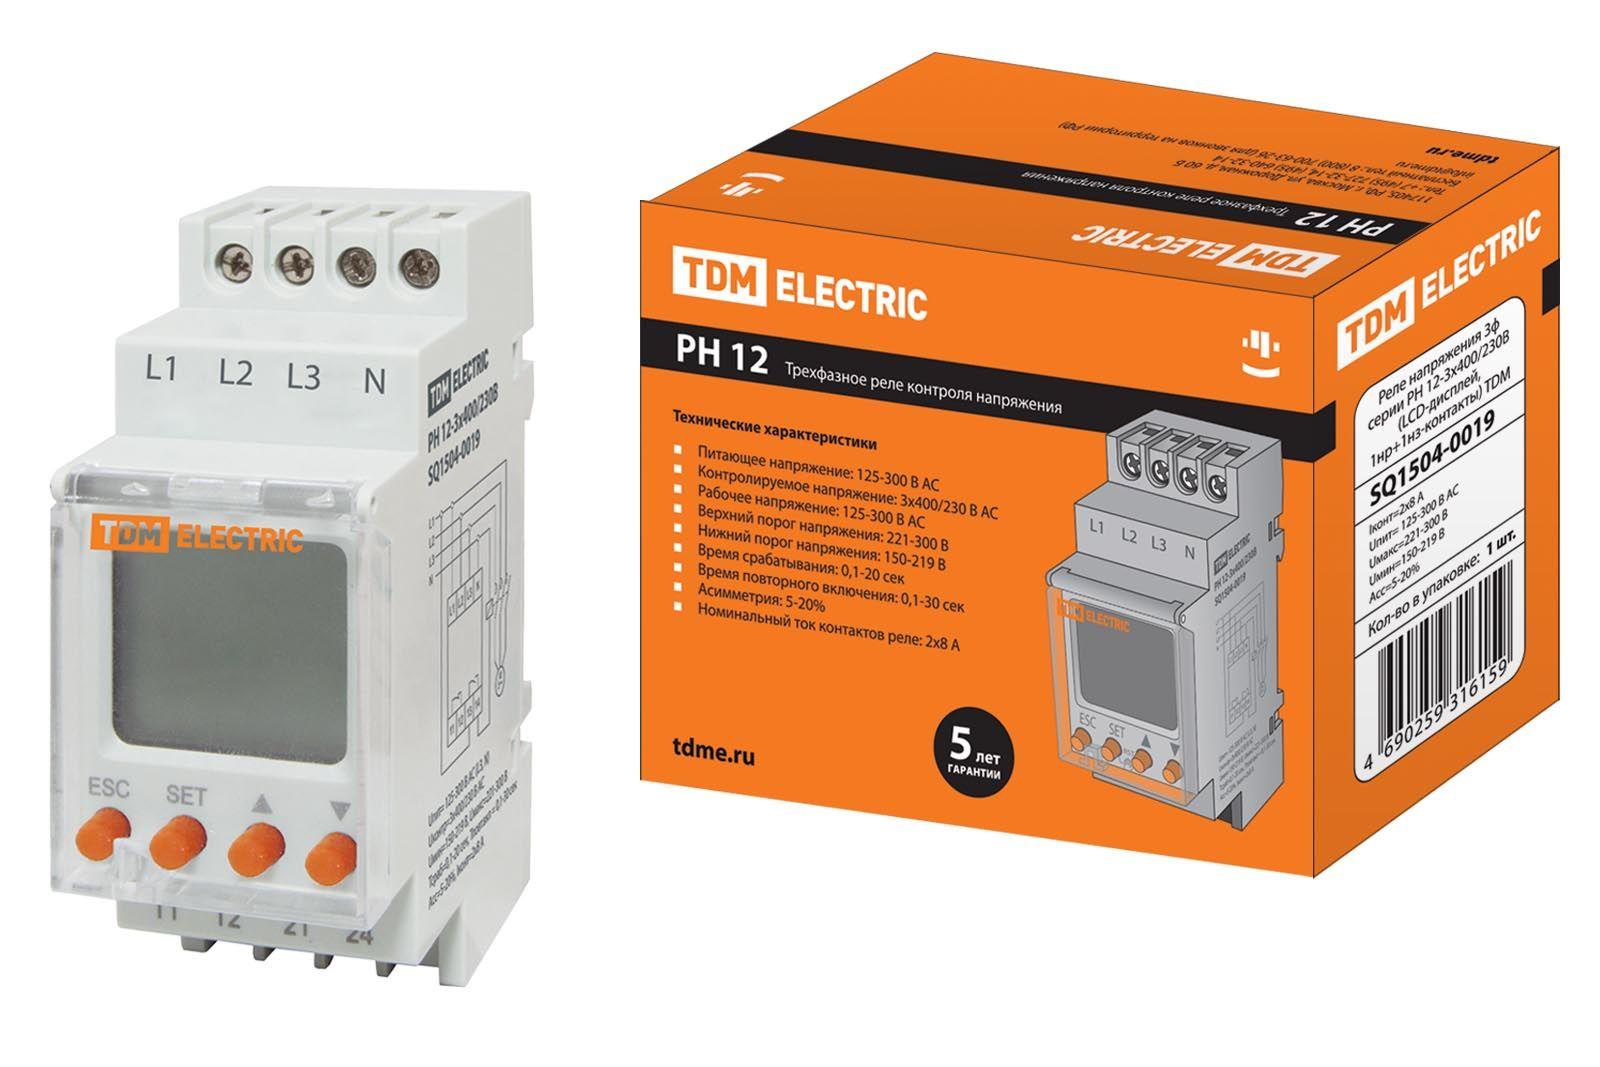 Купить Реле контроля напряжения РН 12-3х400/230В (LCD-дисплей, 1нр+1нз-контакты) TDM, TDM ELECTRIC